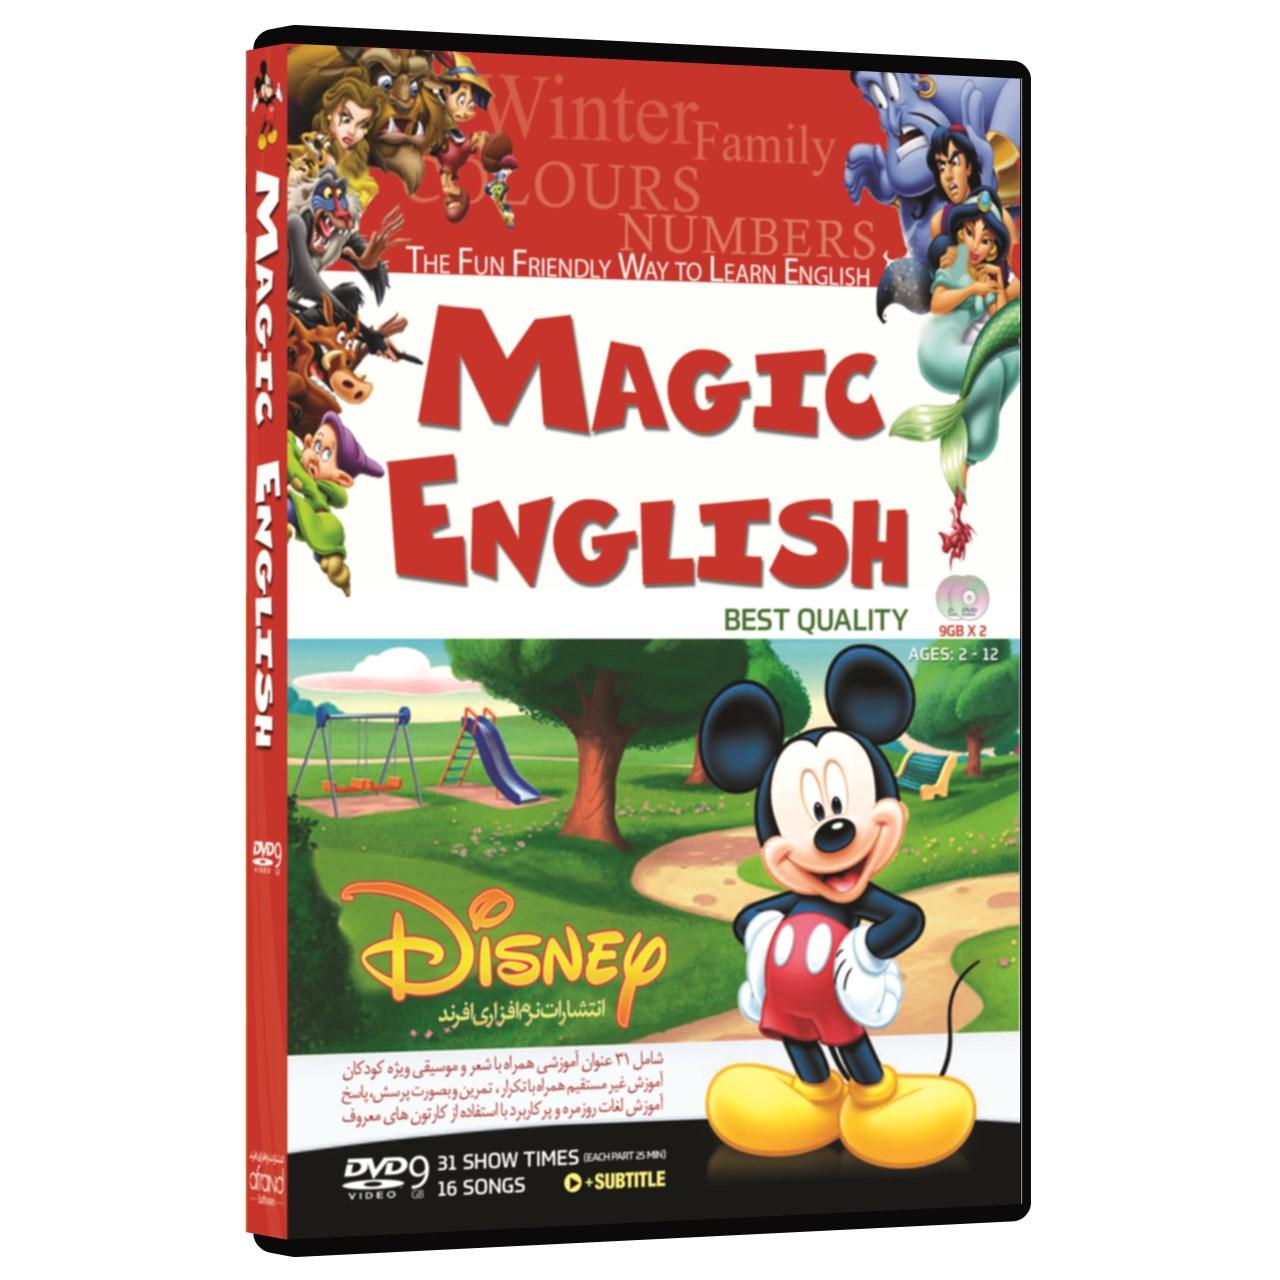 خرید اینترنتی فیلم آموزش زبان انگلیسی مجیک انگلیش انتشارات نرم افزاری افرند